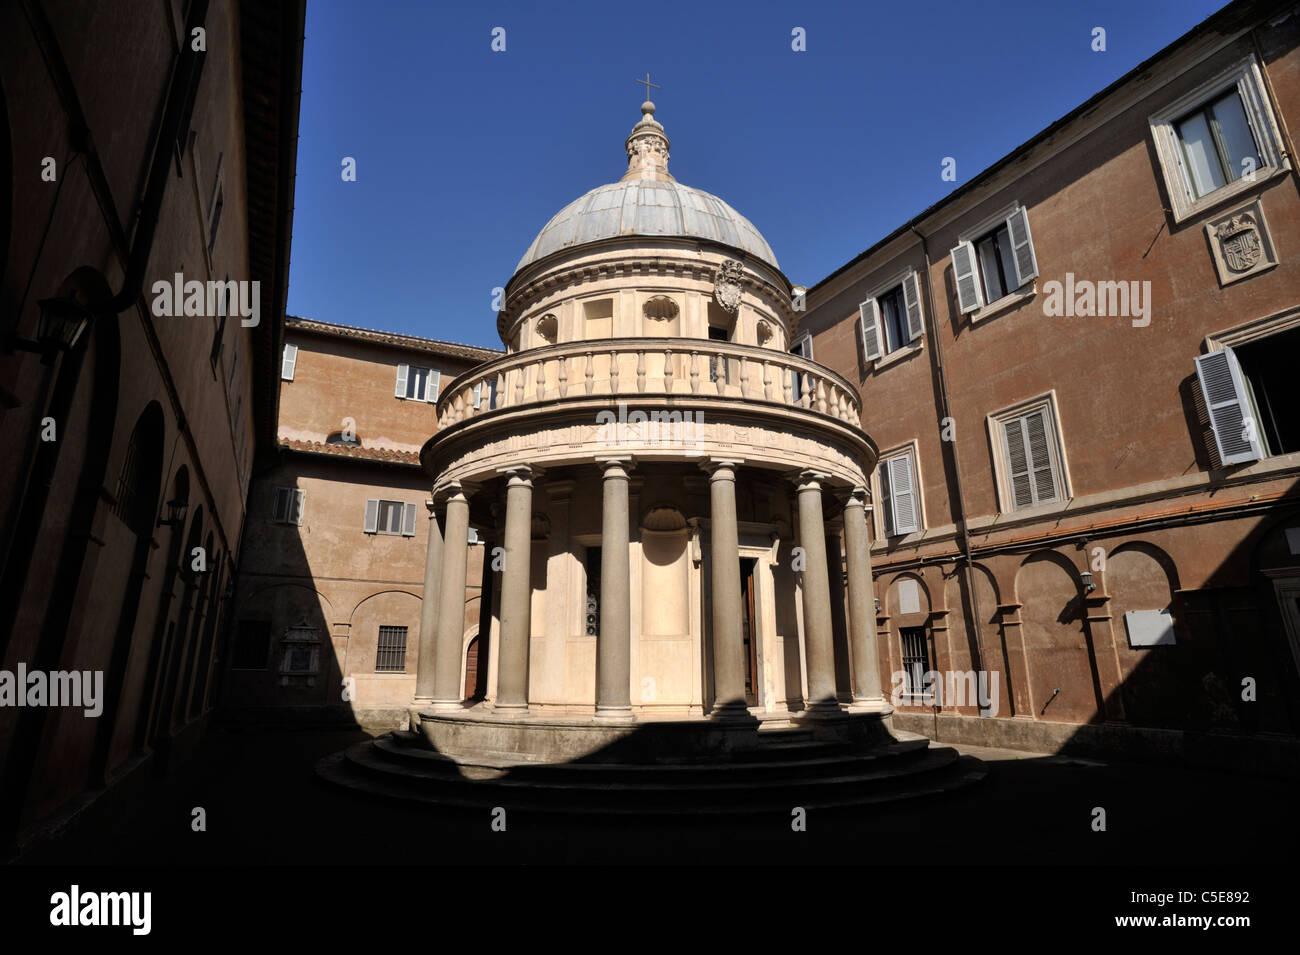 Italia, Roma, il complesso di san Pietro in Montorio, tempietto del Bramante tempio, architettura rinascimentale Immagini Stock